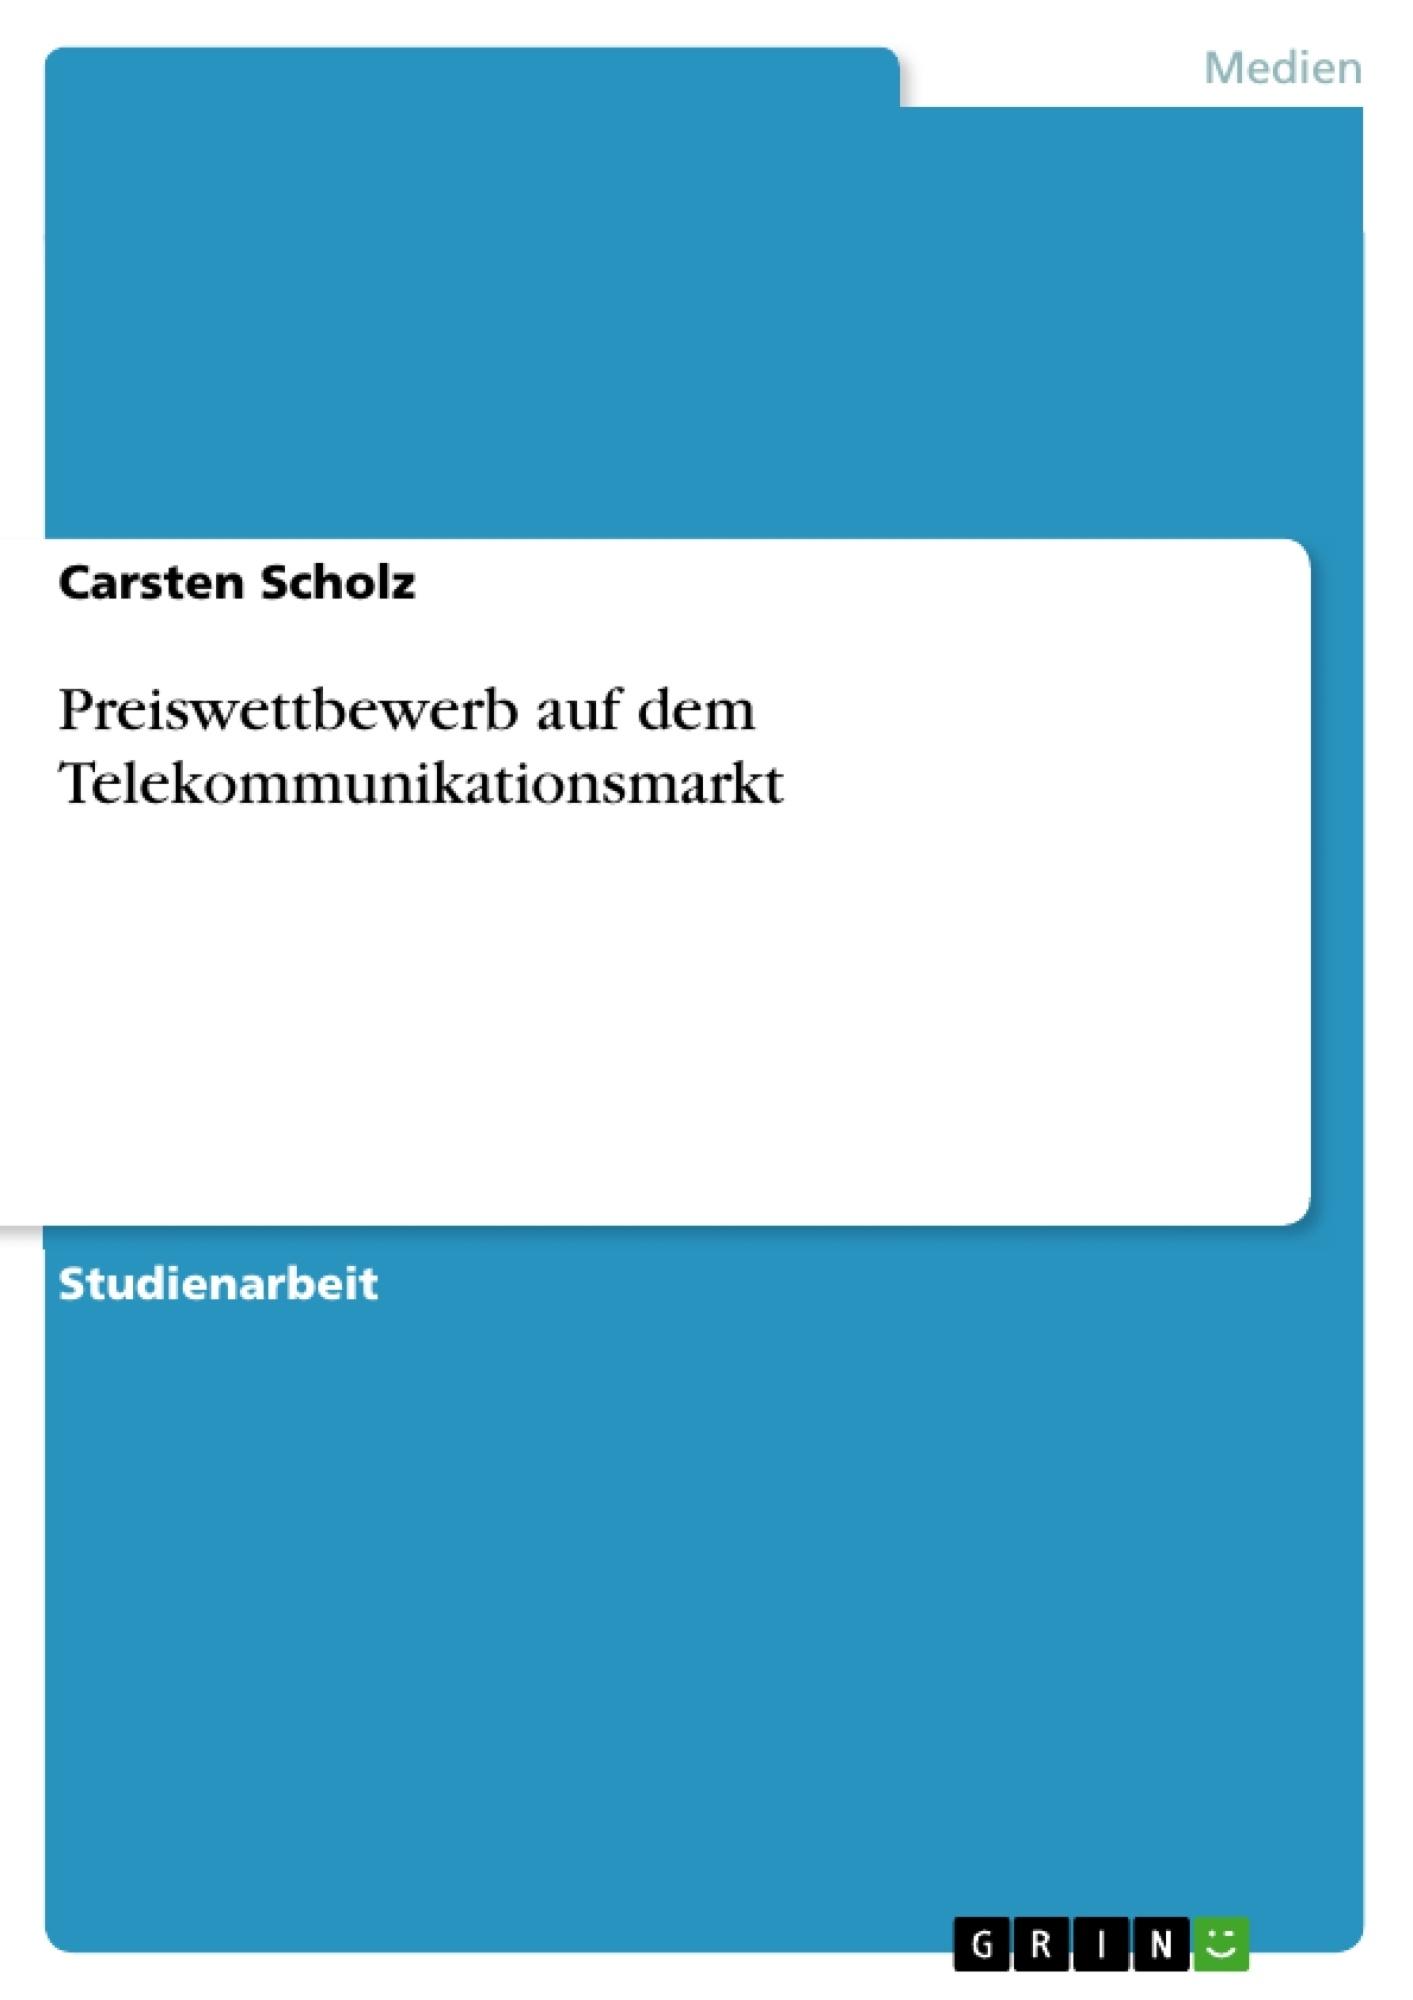 Titel: Preiswettbewerb auf dem Telekommunikationsmarkt